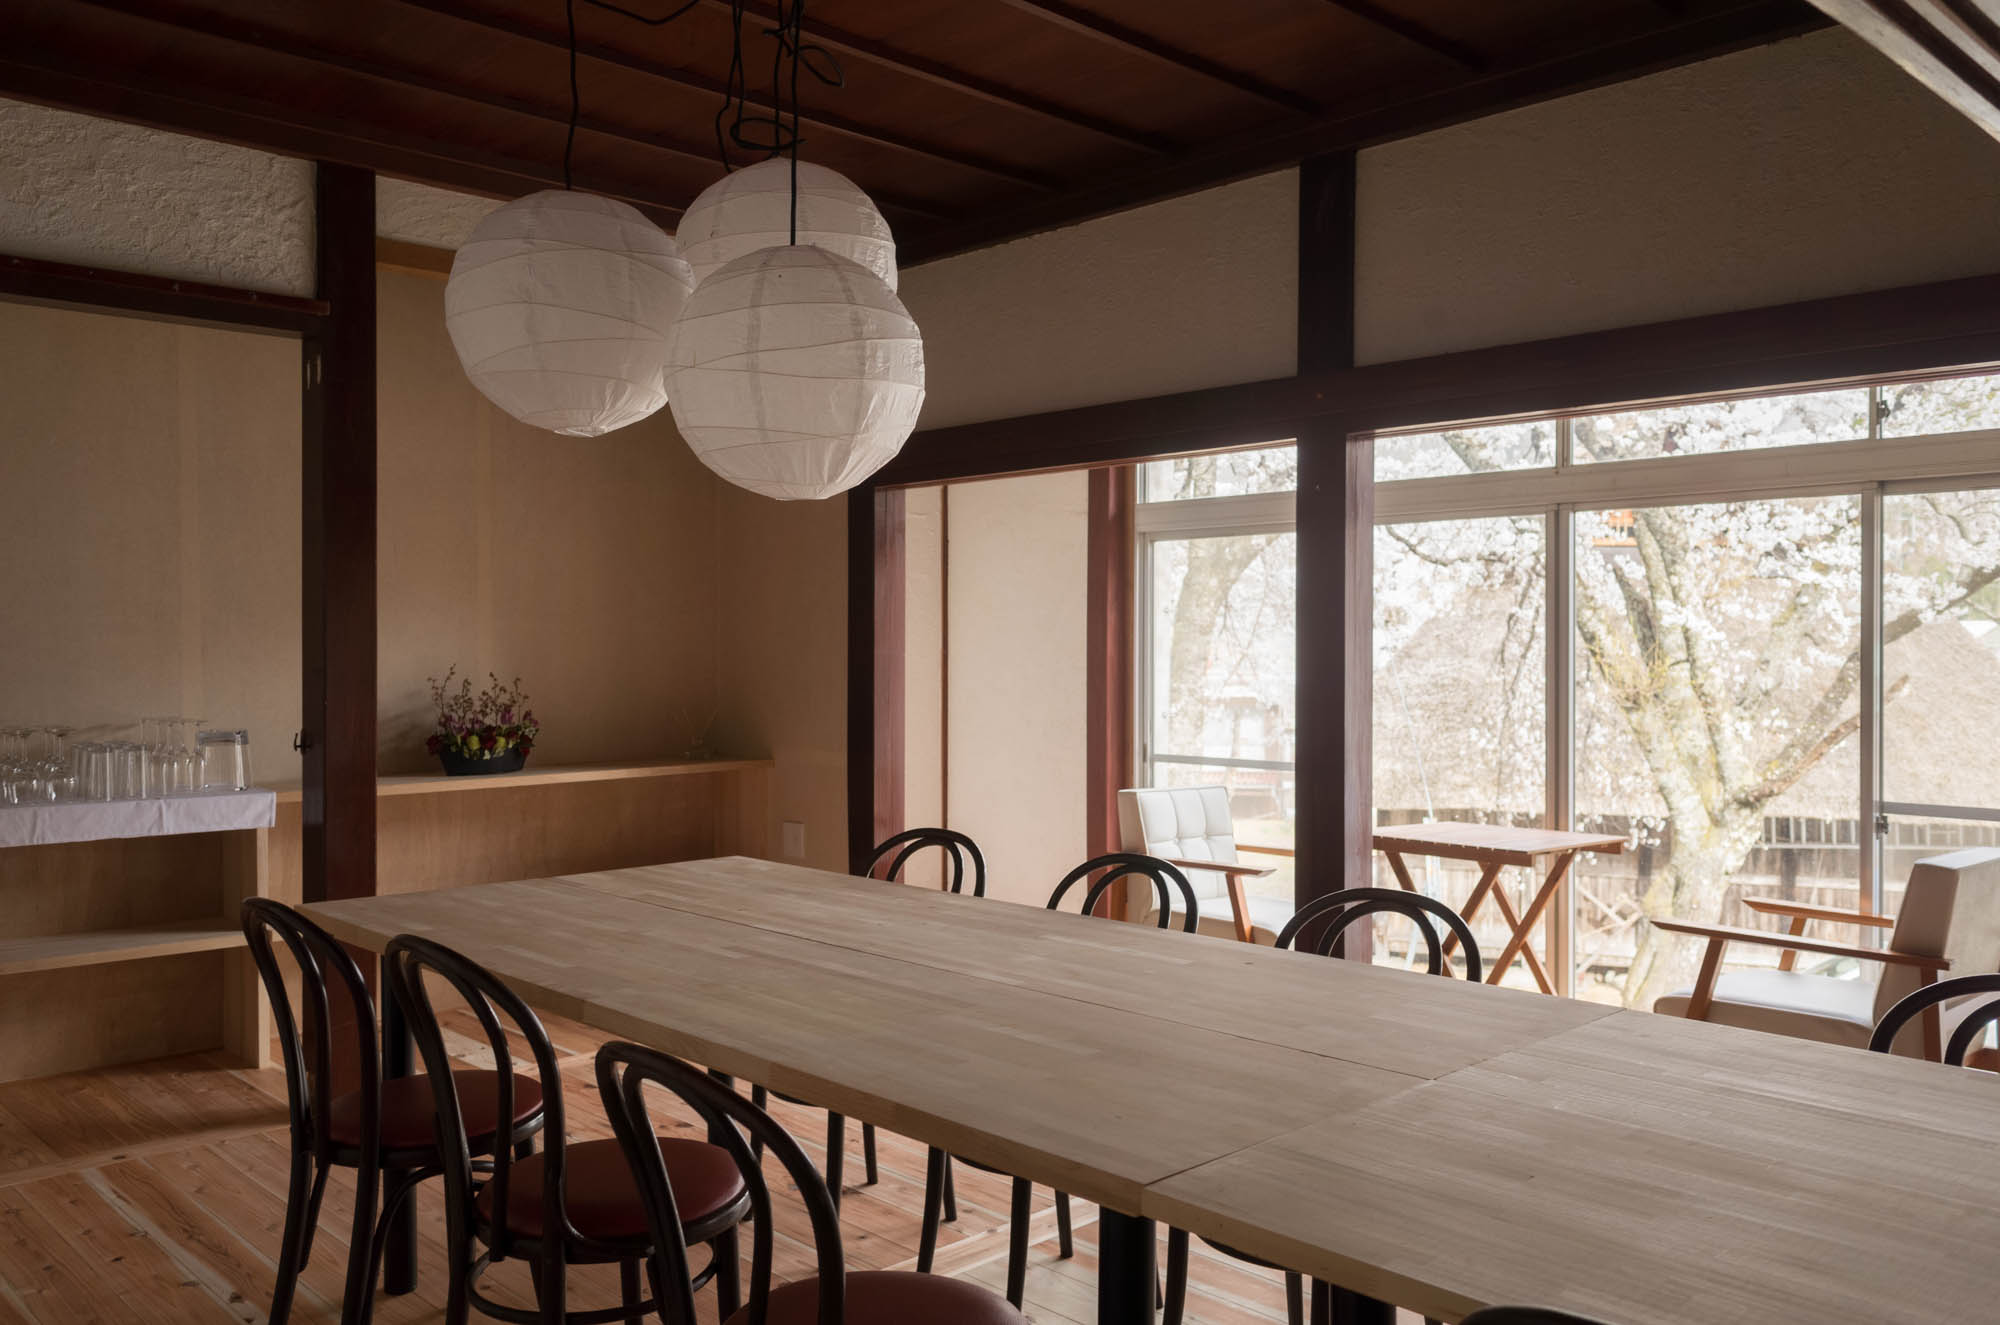 ゲストハウス改修プロジェクトが竣工しました。